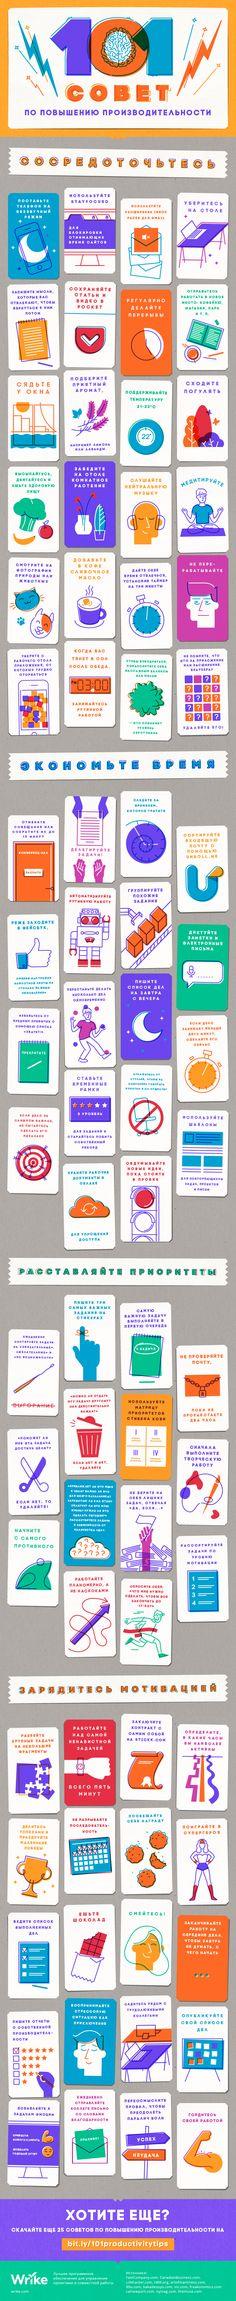 101 совет по повышению производительности (инфографика)